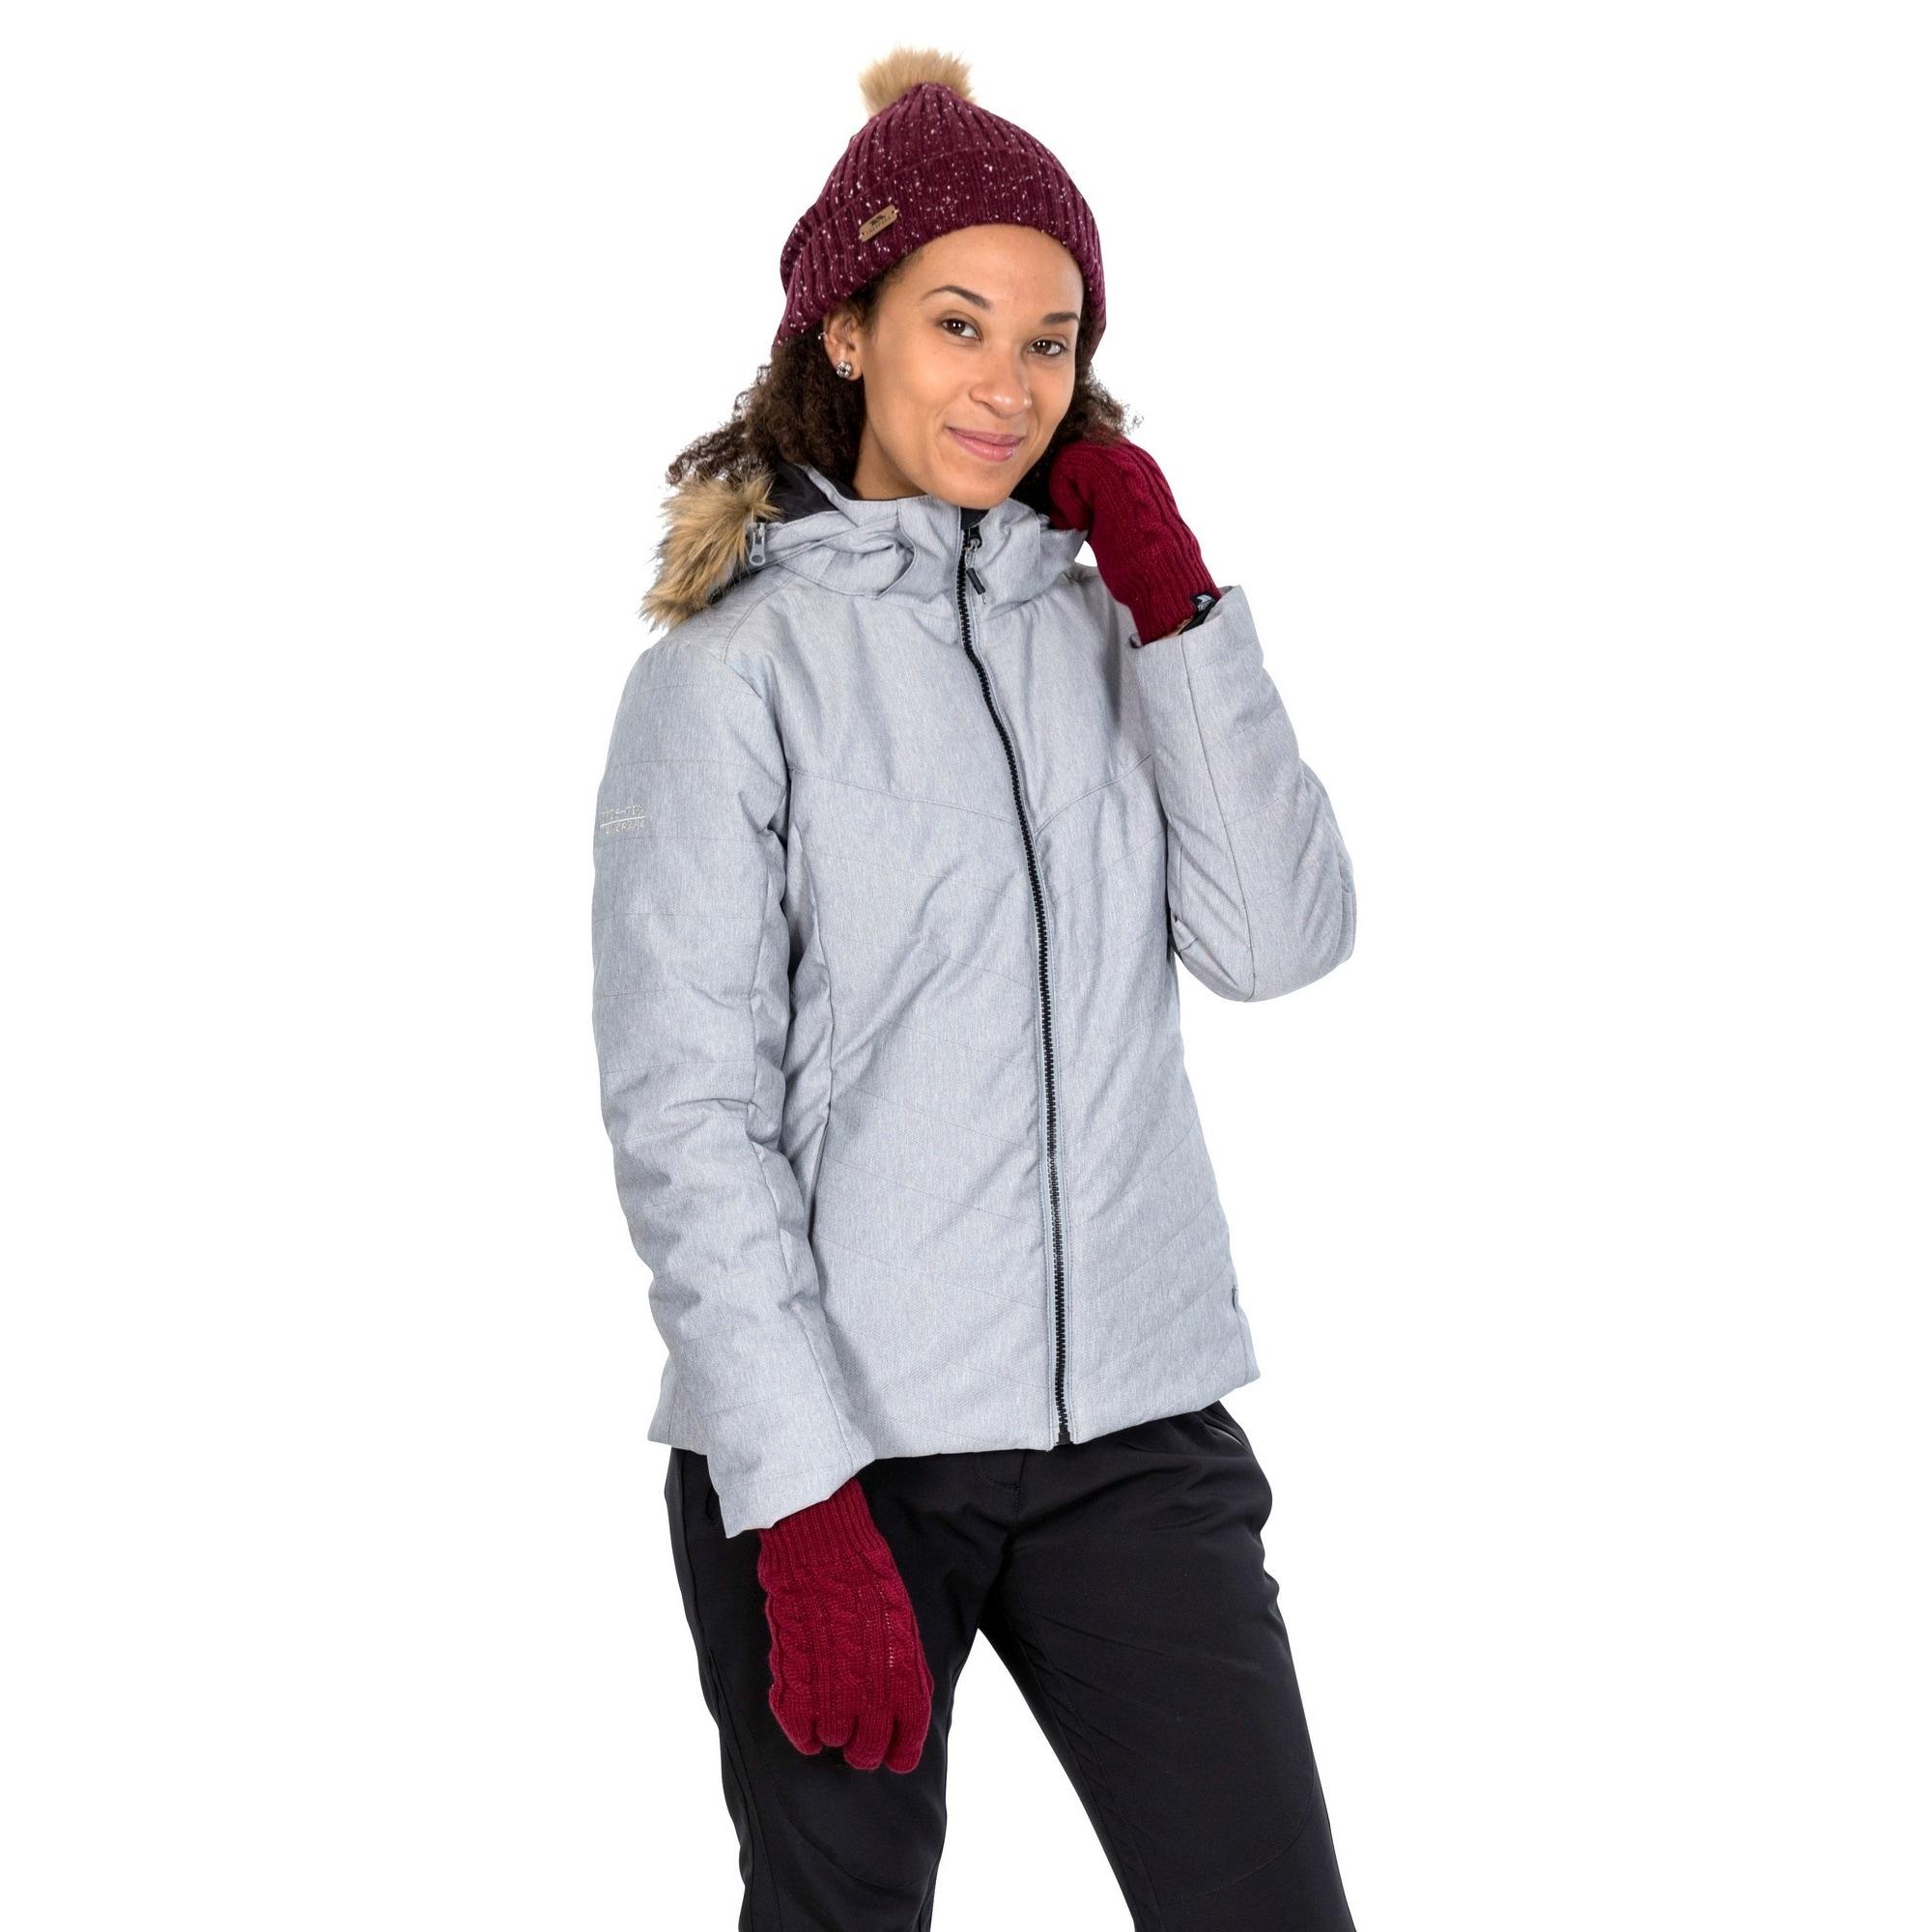 Trespass Strickhandschuhe Damen Sutella | Accessoires > Handschuhe > Strickhandschuhe | Weiß | Trespass